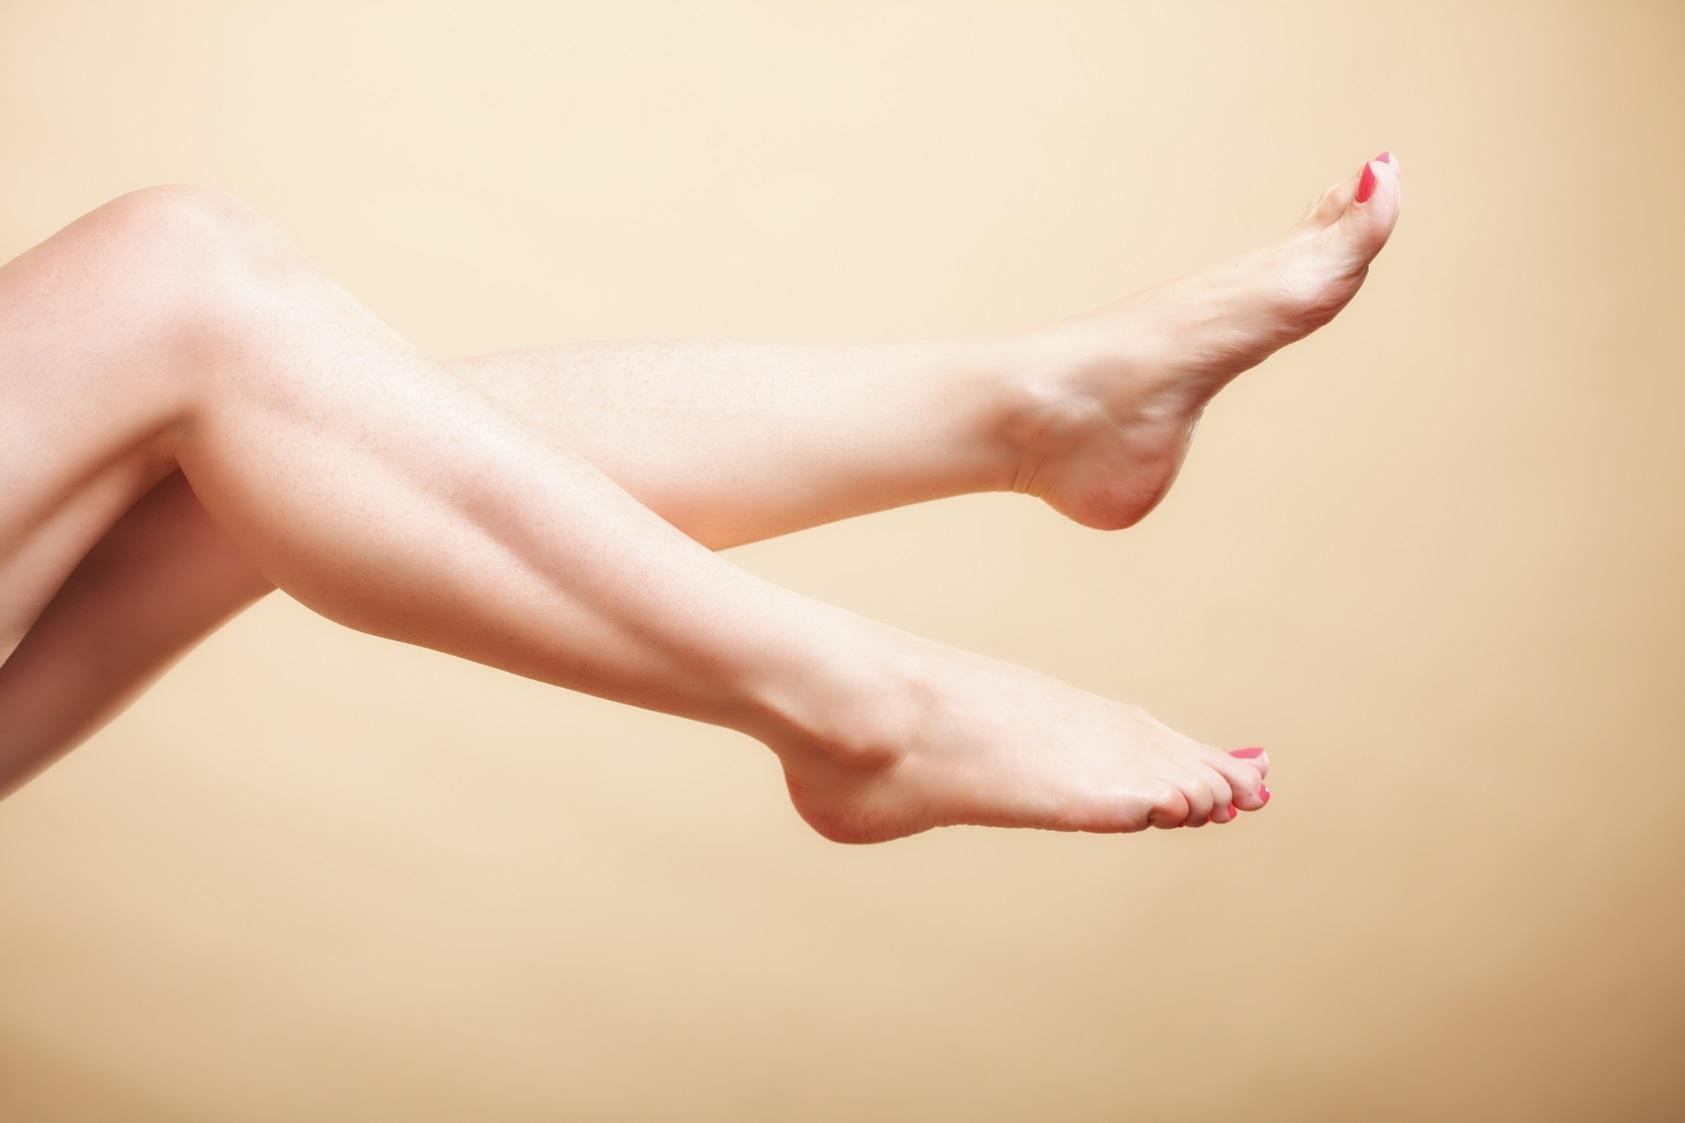 objawy zespołu niespokojnych nóg